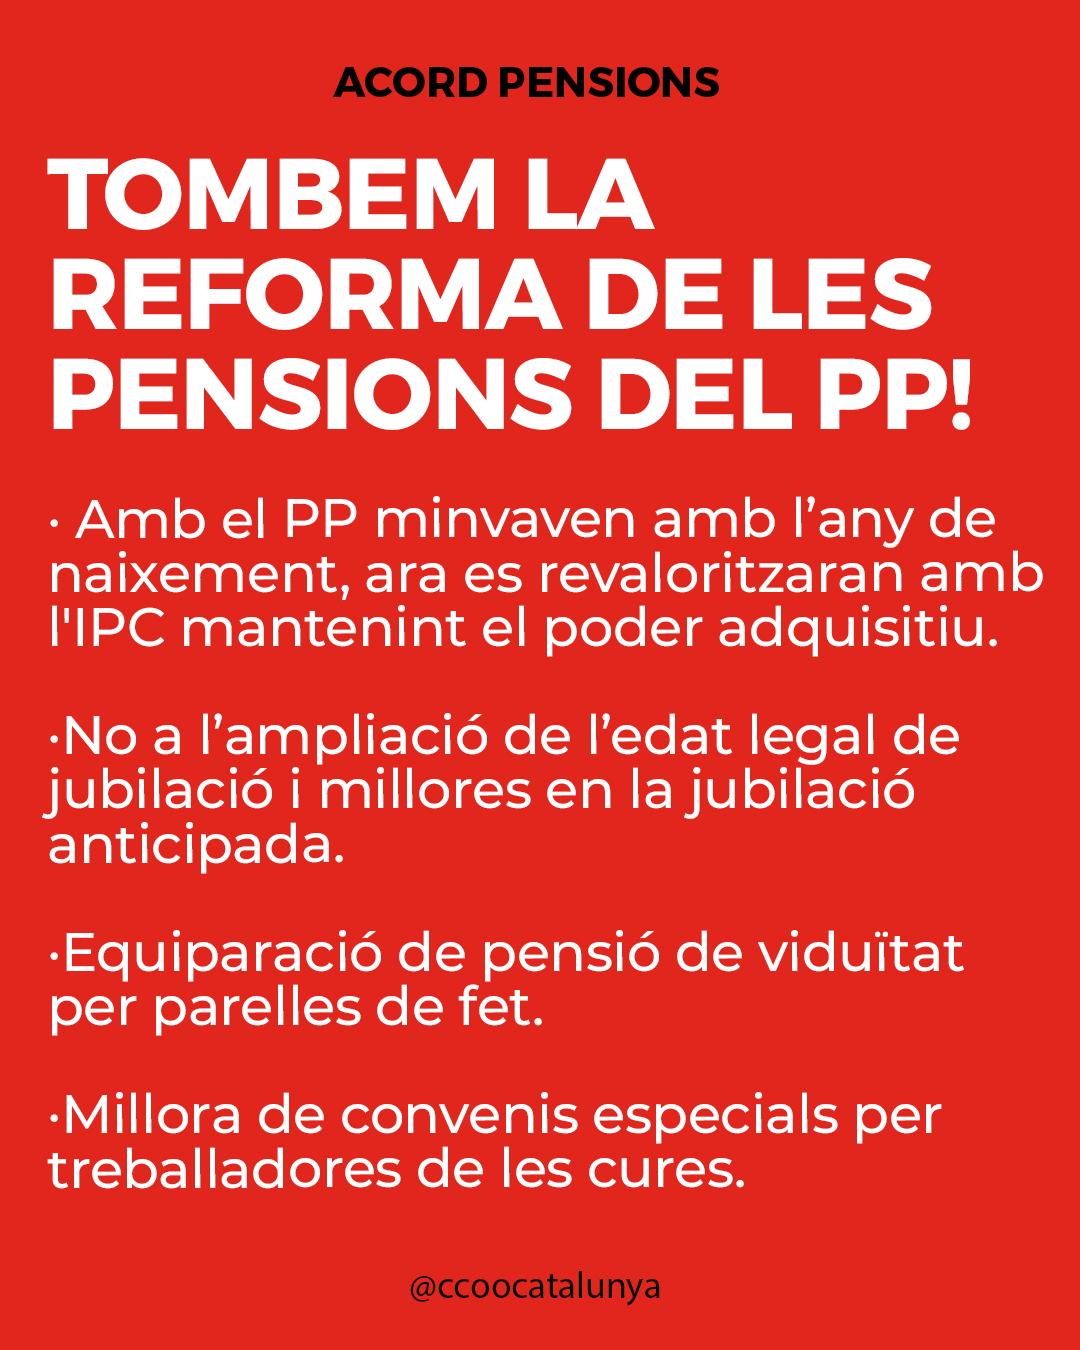 Tombem la reforma de les pensions del PP!